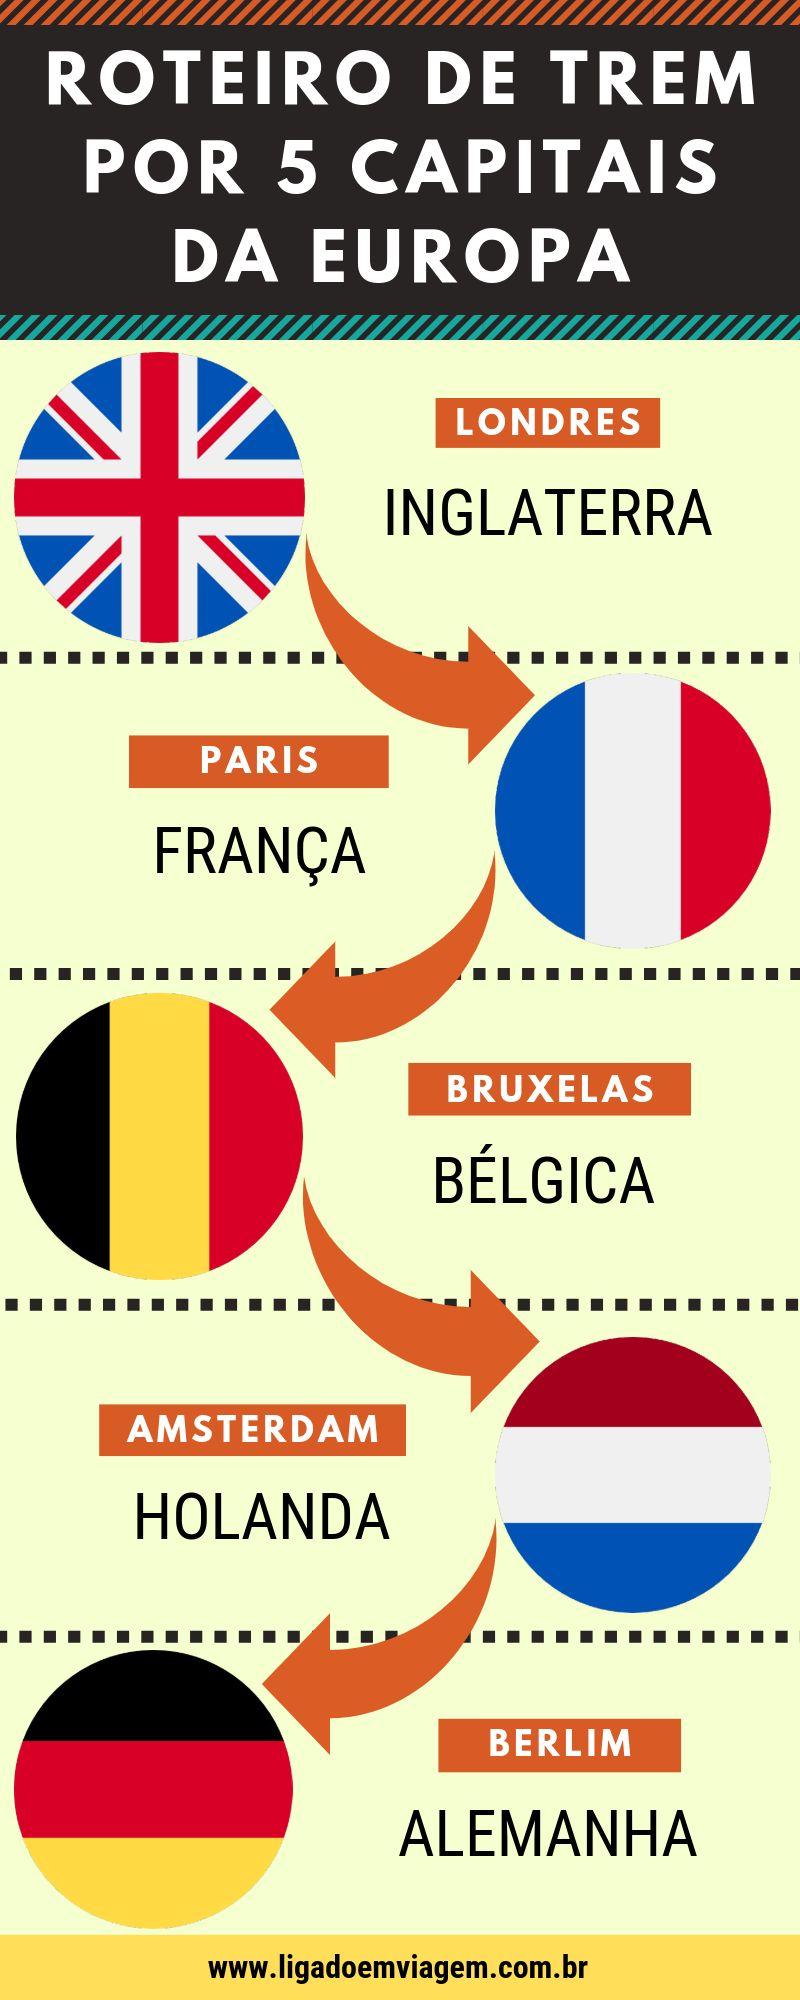 Roteiro de trem na Europa: Londres, Paris, Bruxelas, Amsterdam e Berlim